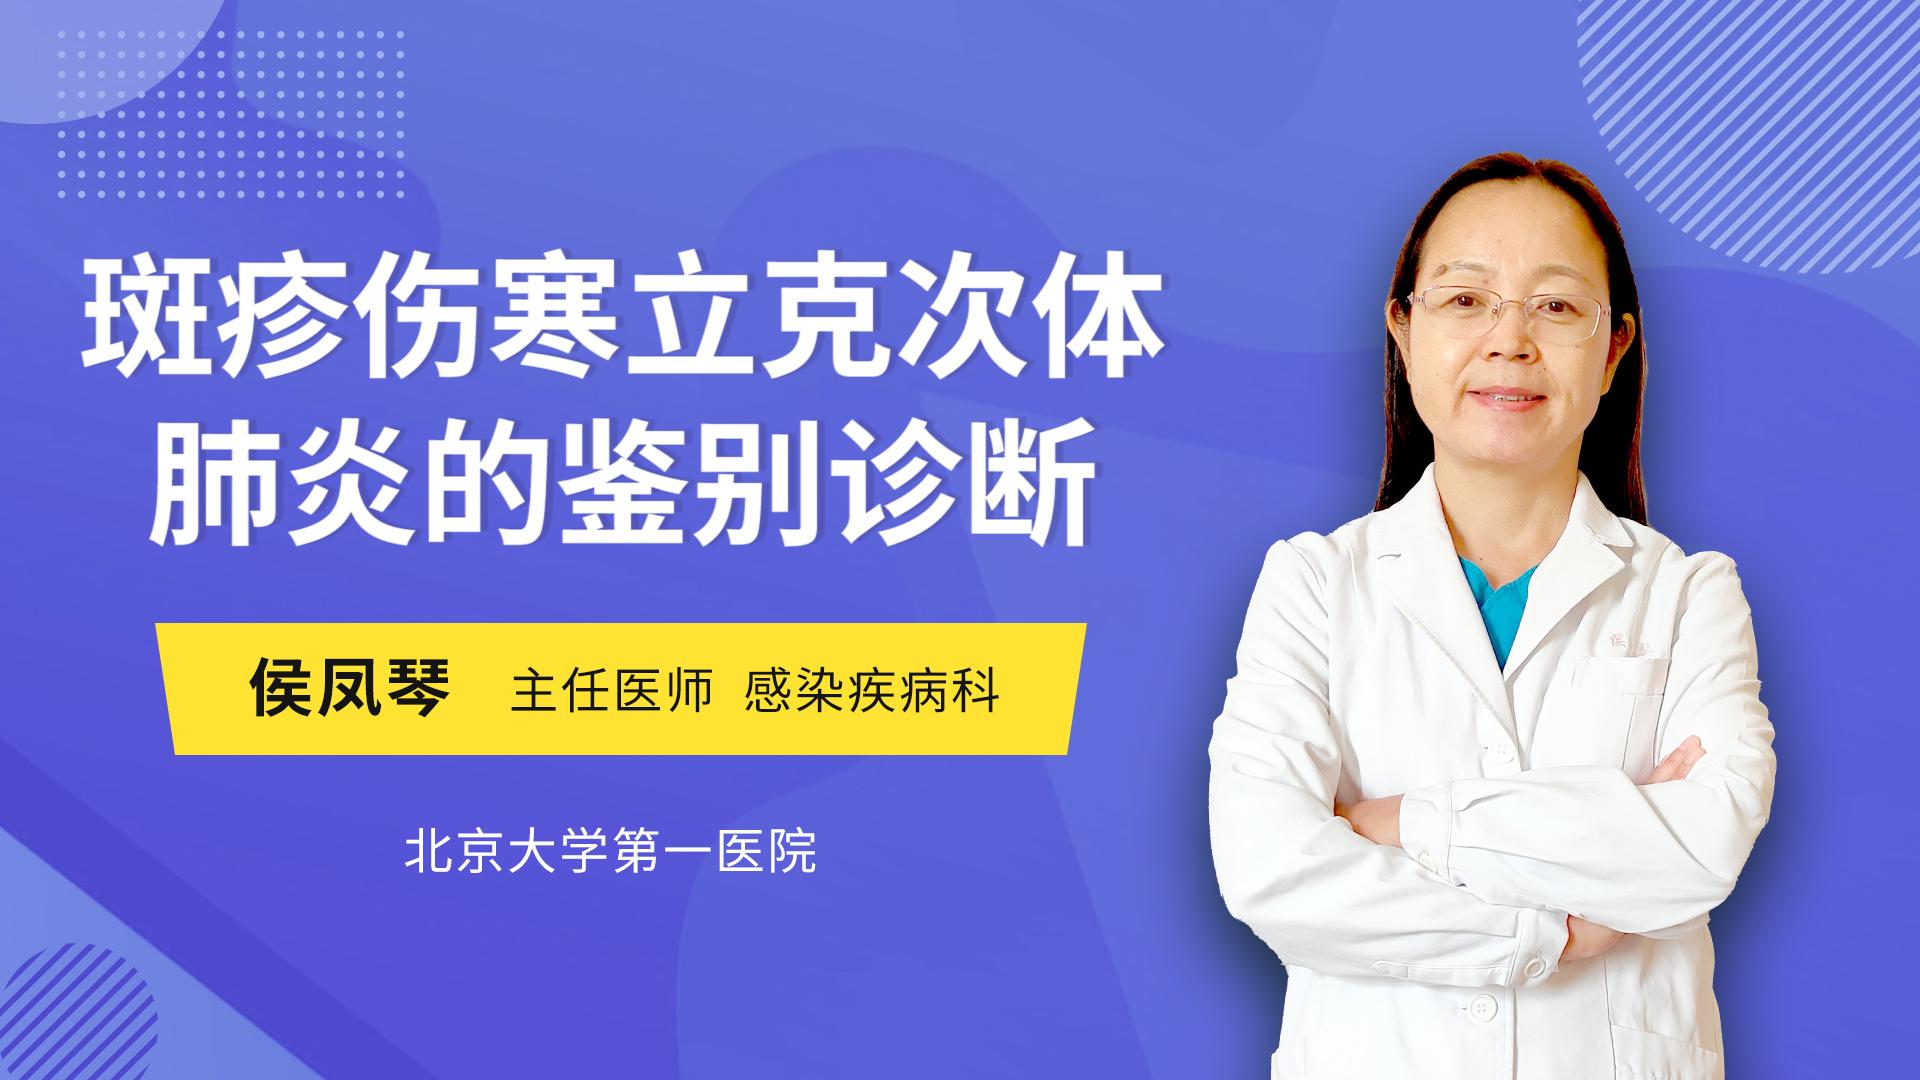 斑疹伤寒立克次体肺炎的鉴别诊断